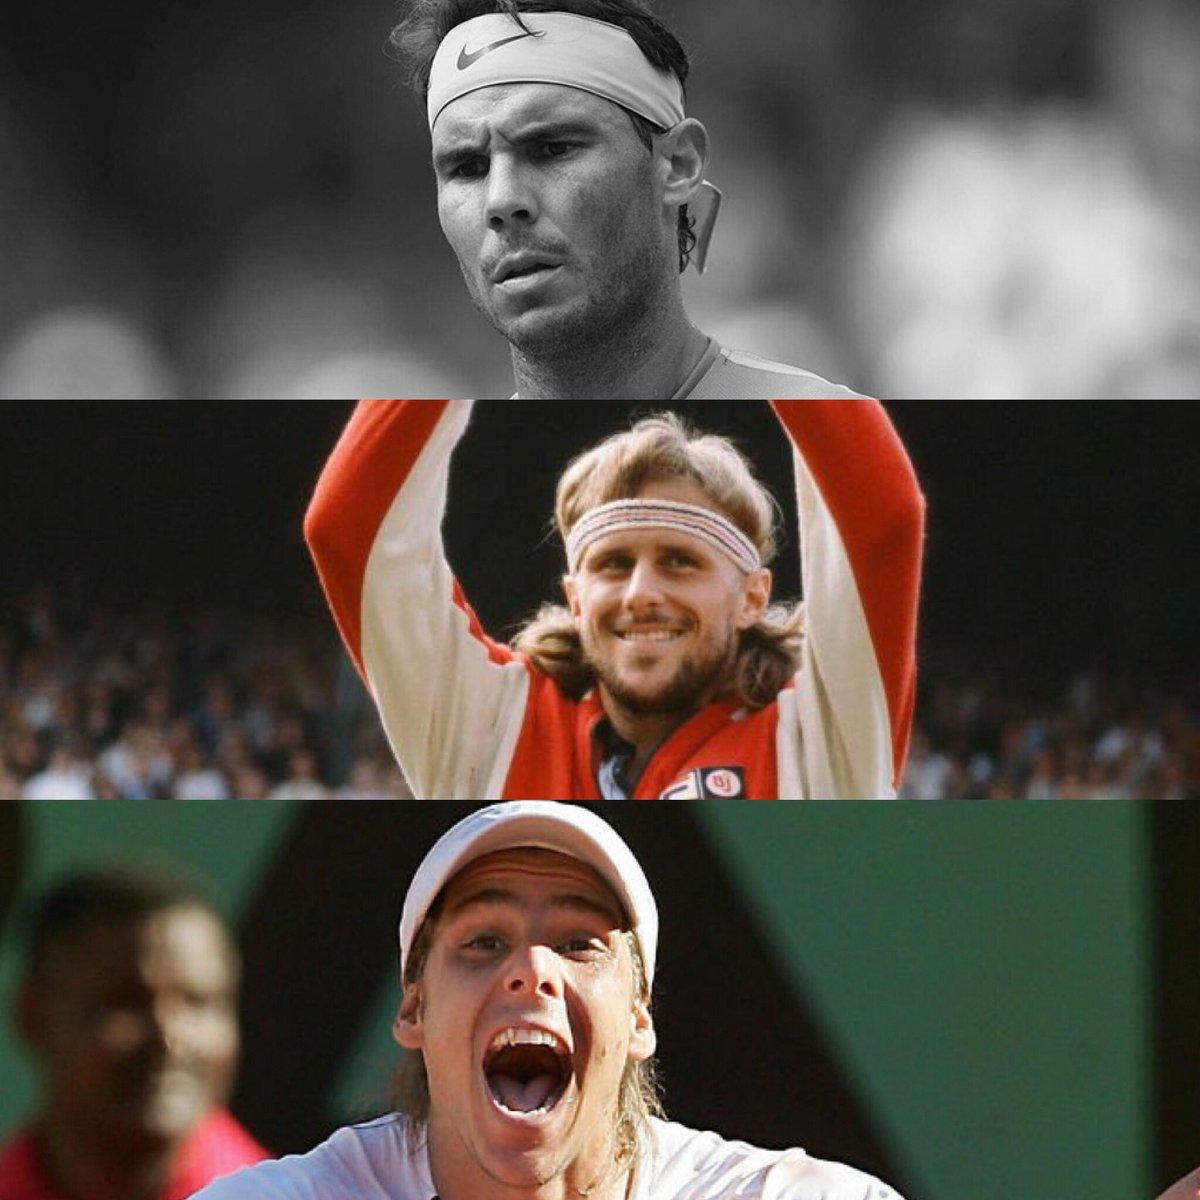 Ganaron en un Grand Slam (era Open) de cuartos en adelante tras recibir un rosco en el primer set:  1️⃣ Borg🇸🇪 contra Connors en Wimbledon 1981 (semis). 2️⃣ Gaudio🇦🇷 contra Coria en Roland Garros 2004 (final). 3️⃣ NADAL🇪🇸 contra Thiem en #USOPEN 2018 (cuartos).